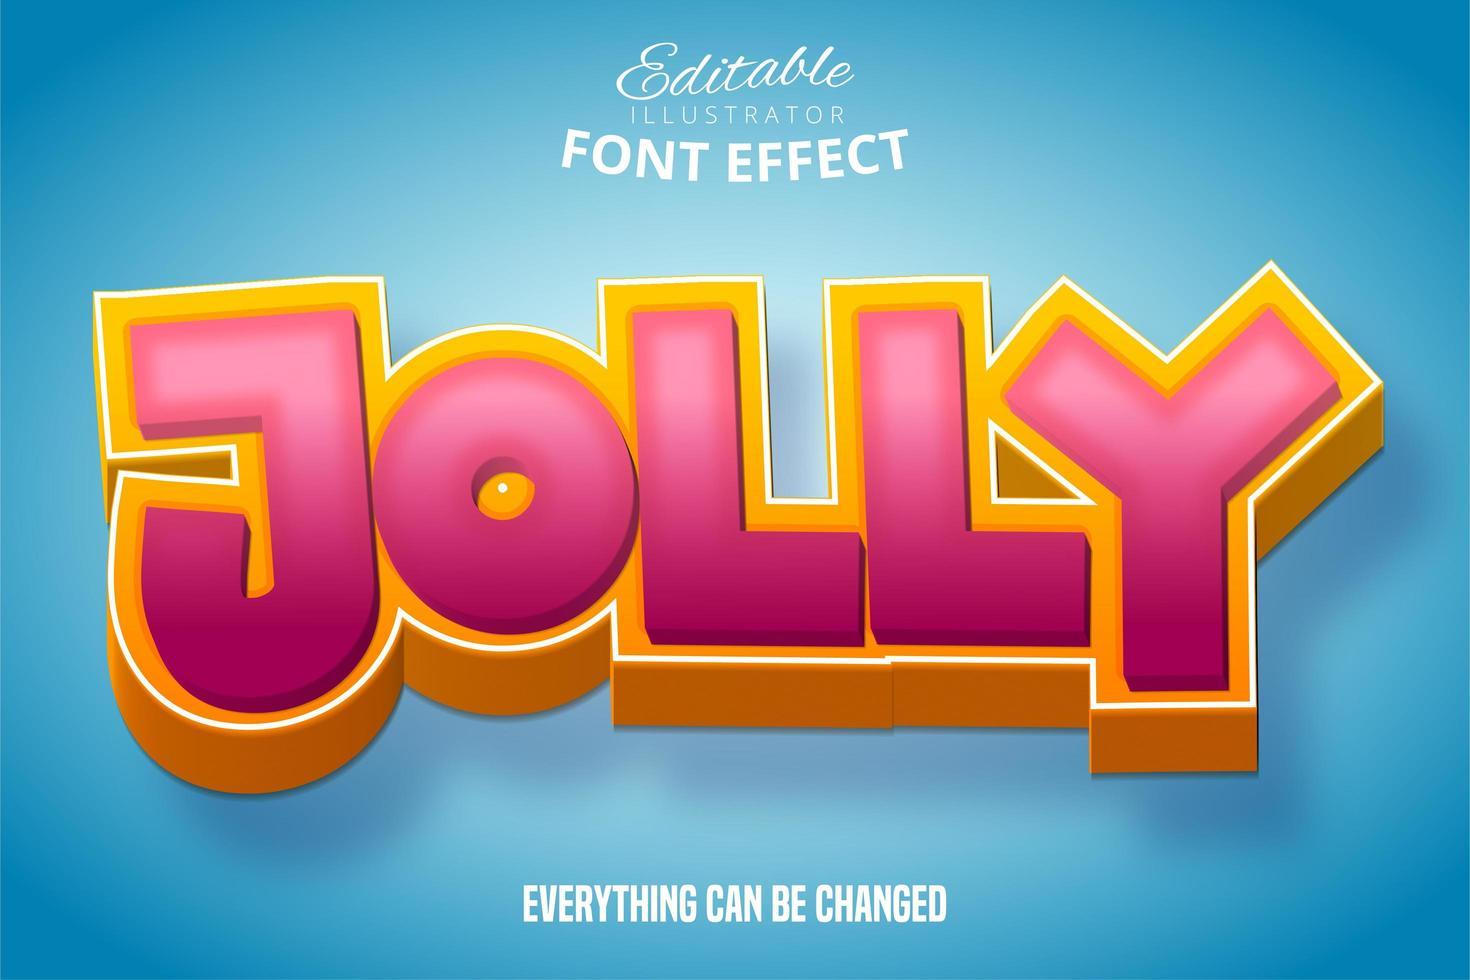 vrolijk teksteffect vector